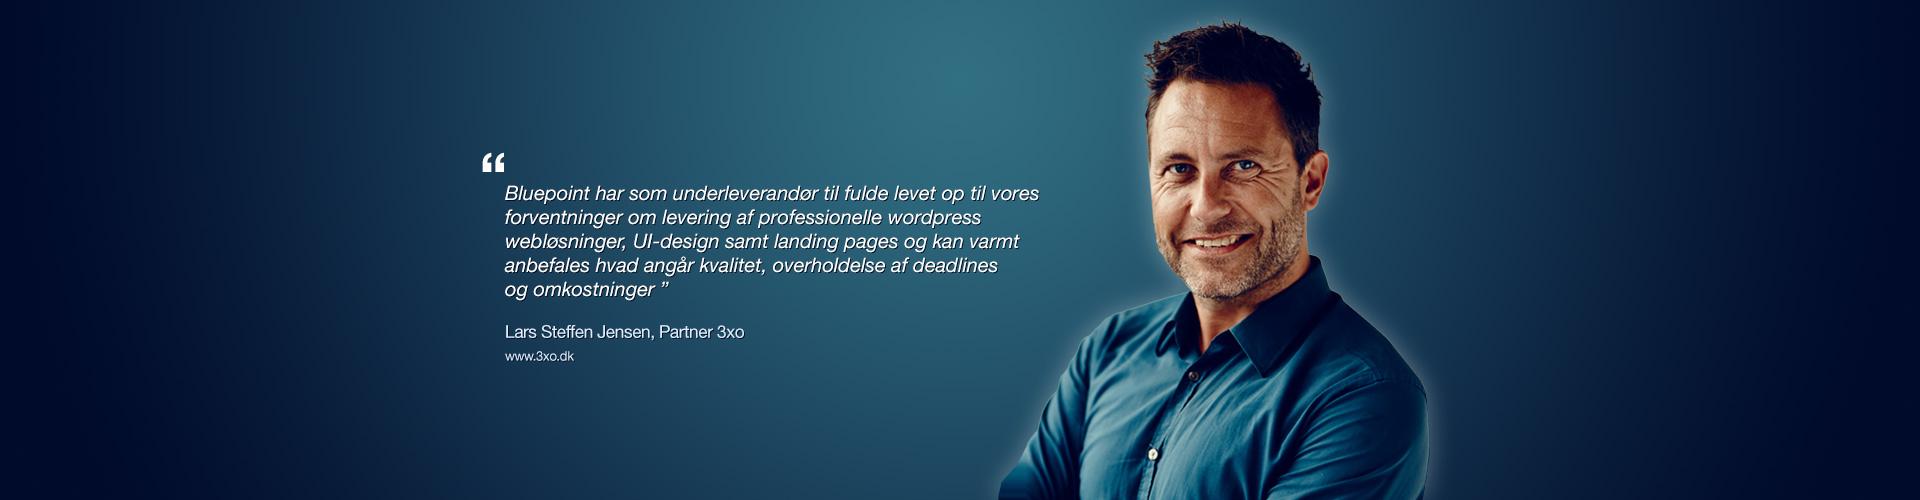 Online markedsføring og webudvikling for 3xo